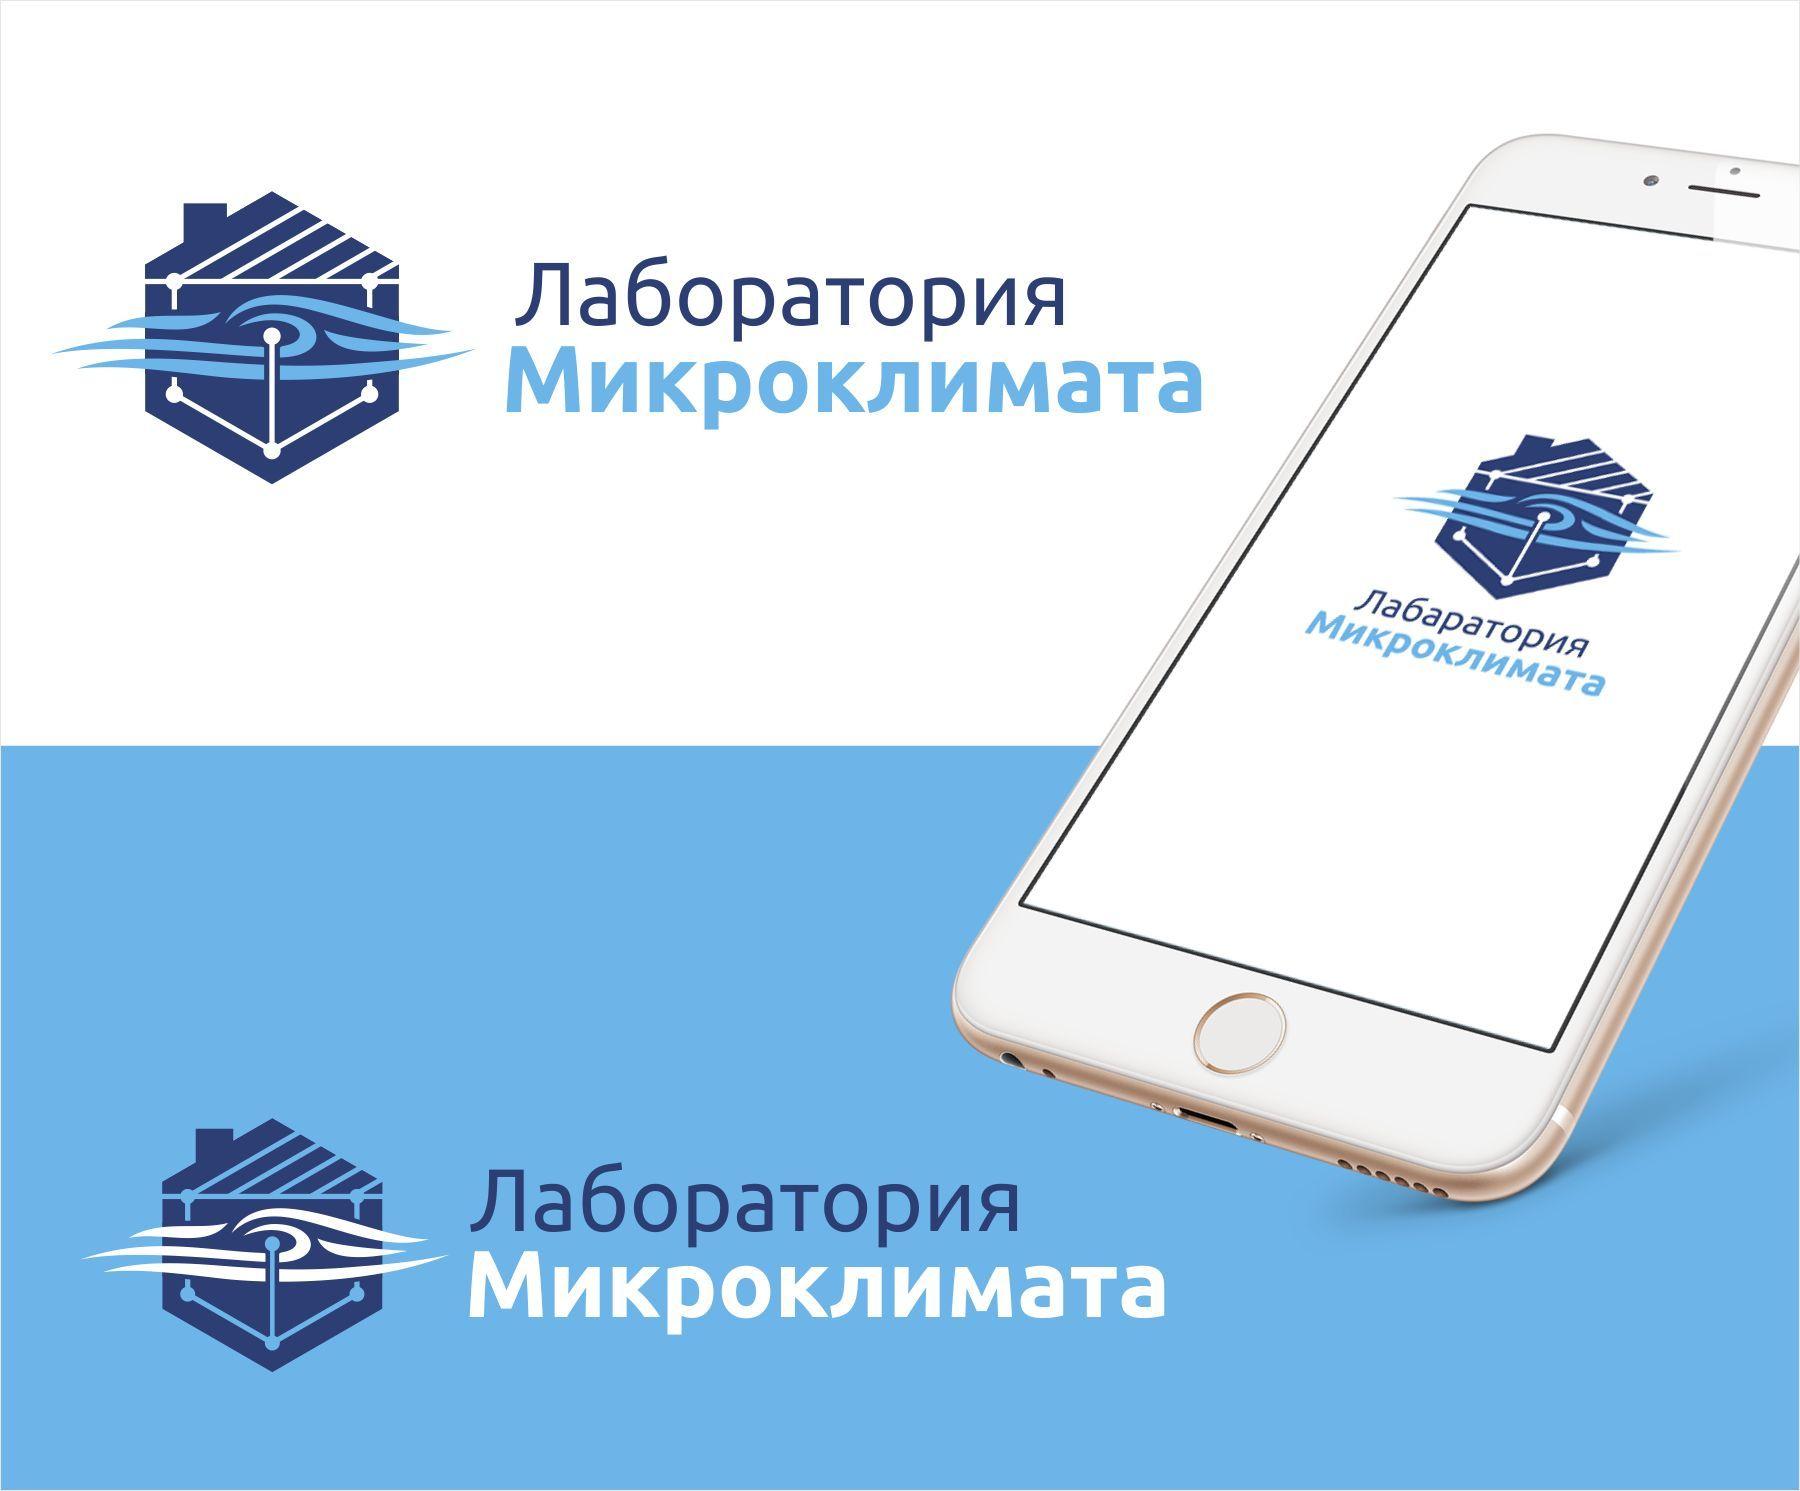 Логотип для Лабаратория Микроклимата - дизайнер kras-sky